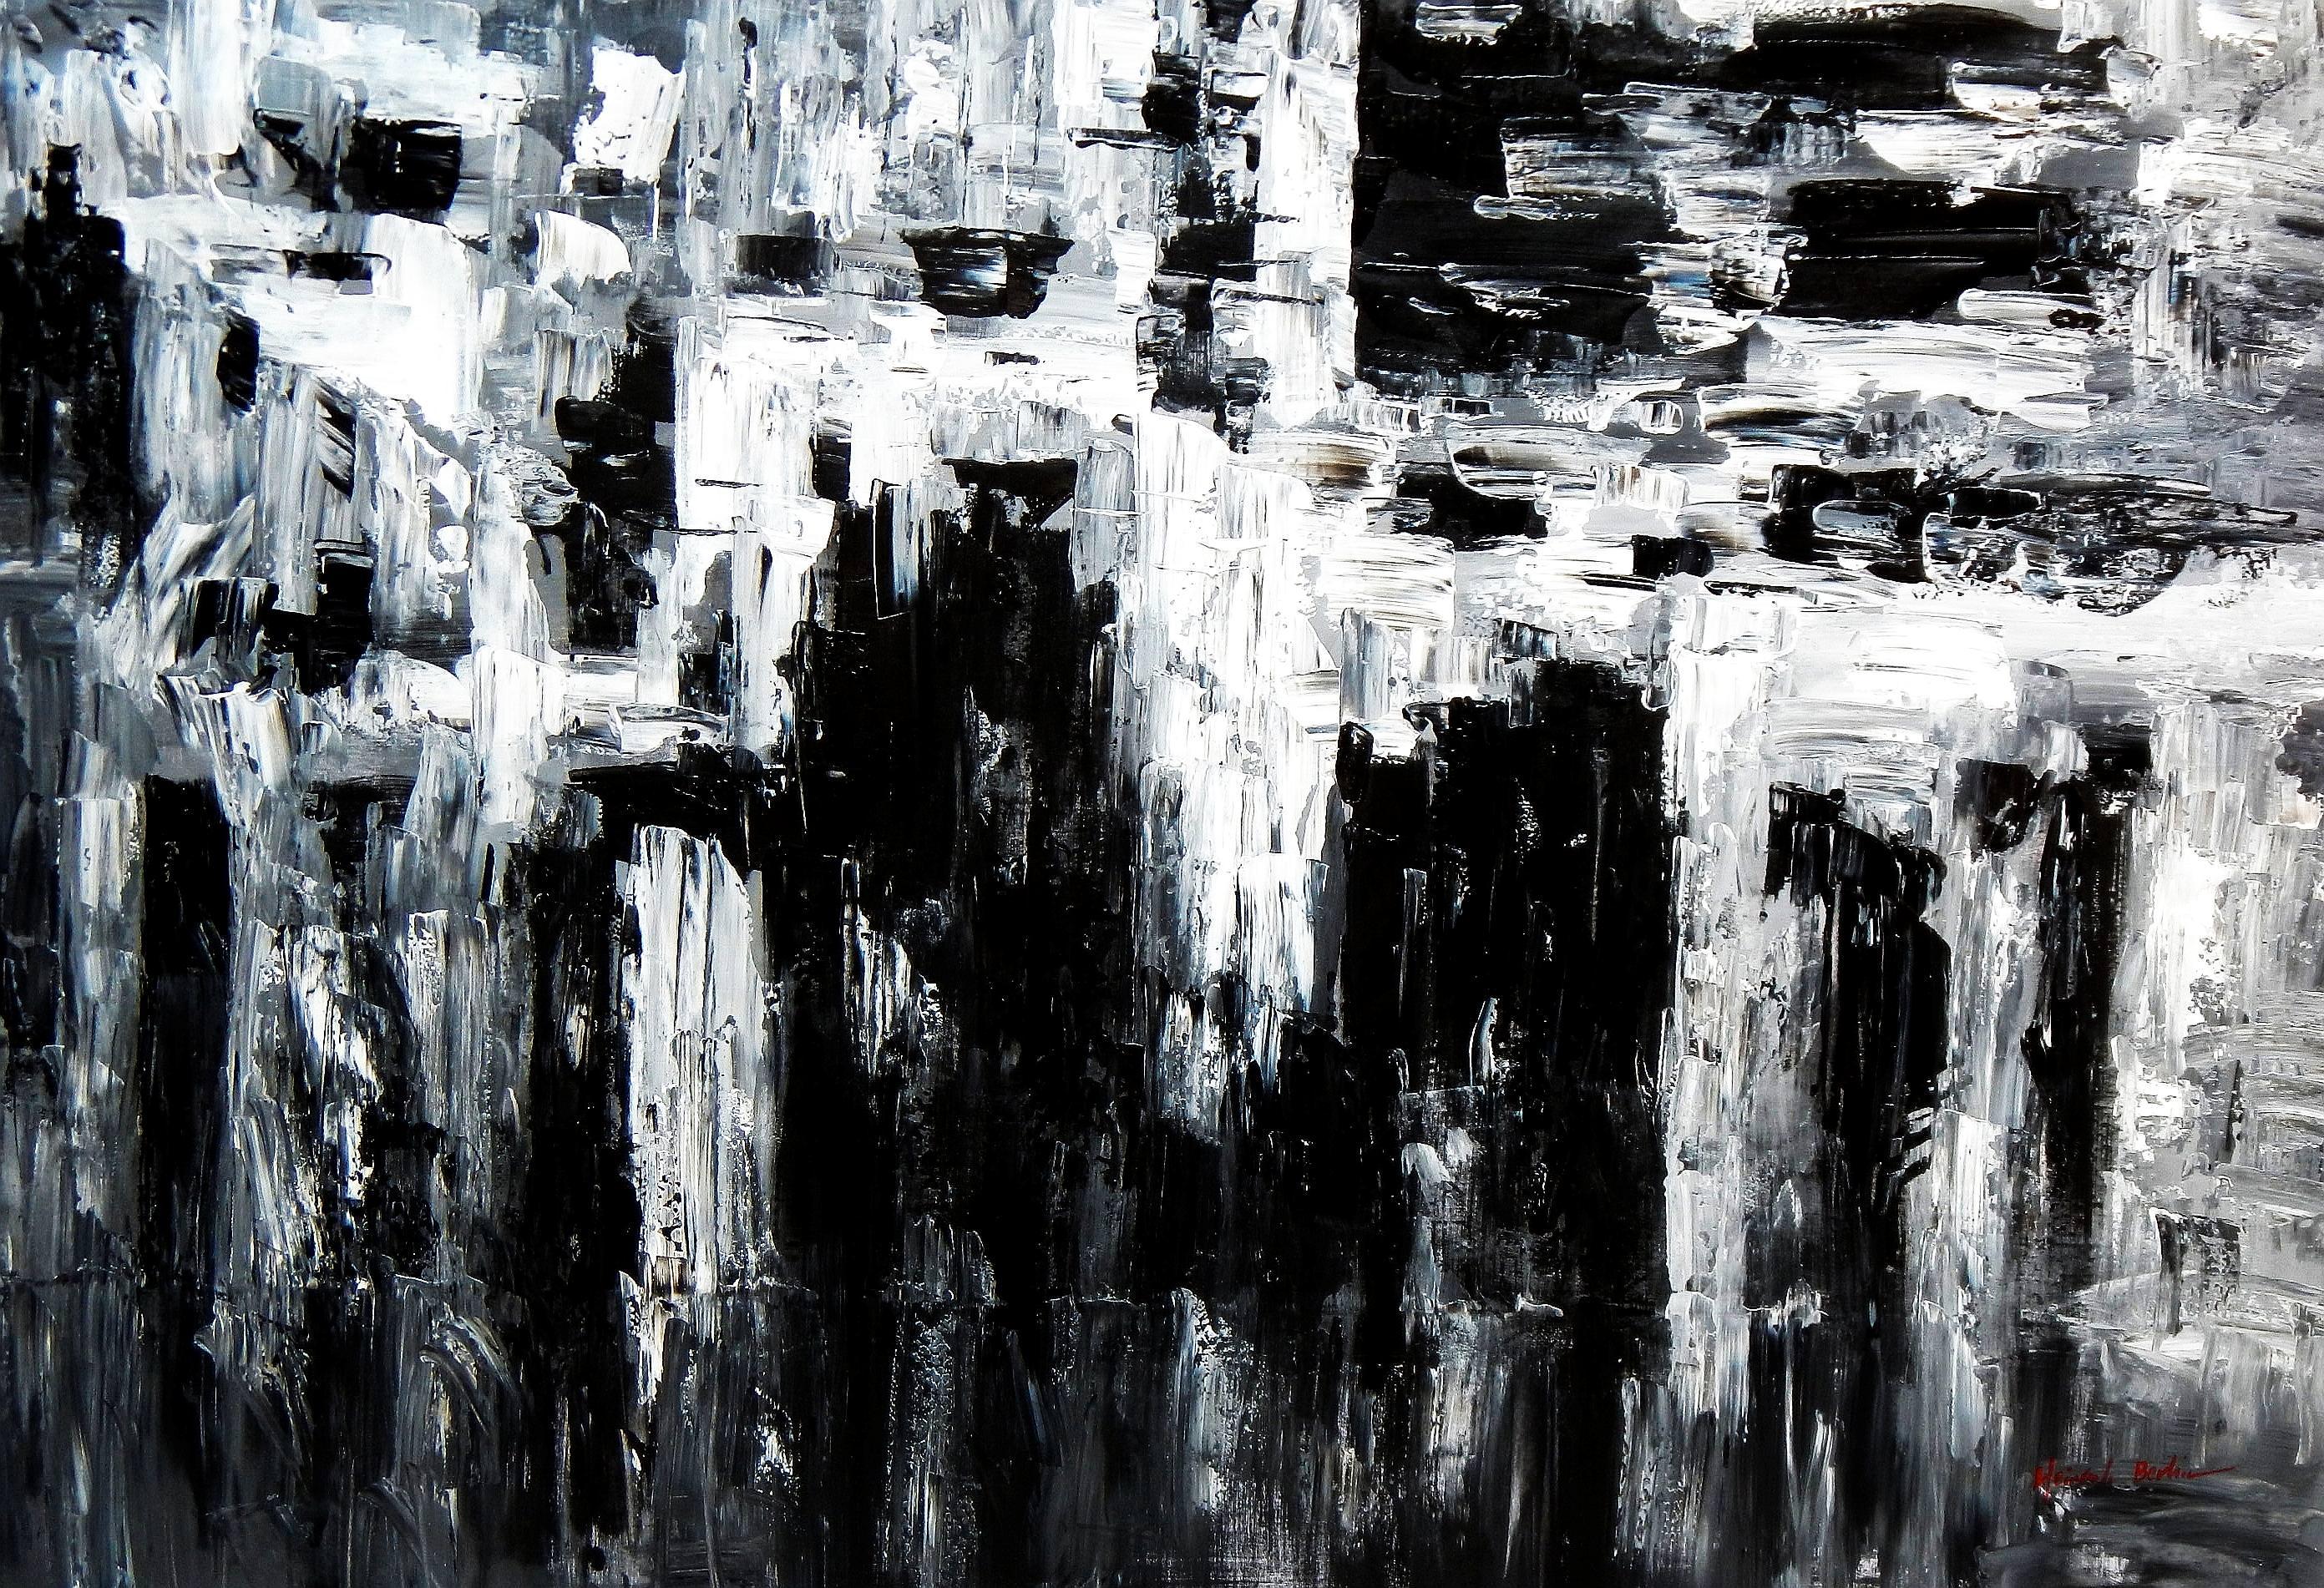 Abstrakt - Nacht in New York p93018 120x180cm Ölgemälde handgemalt